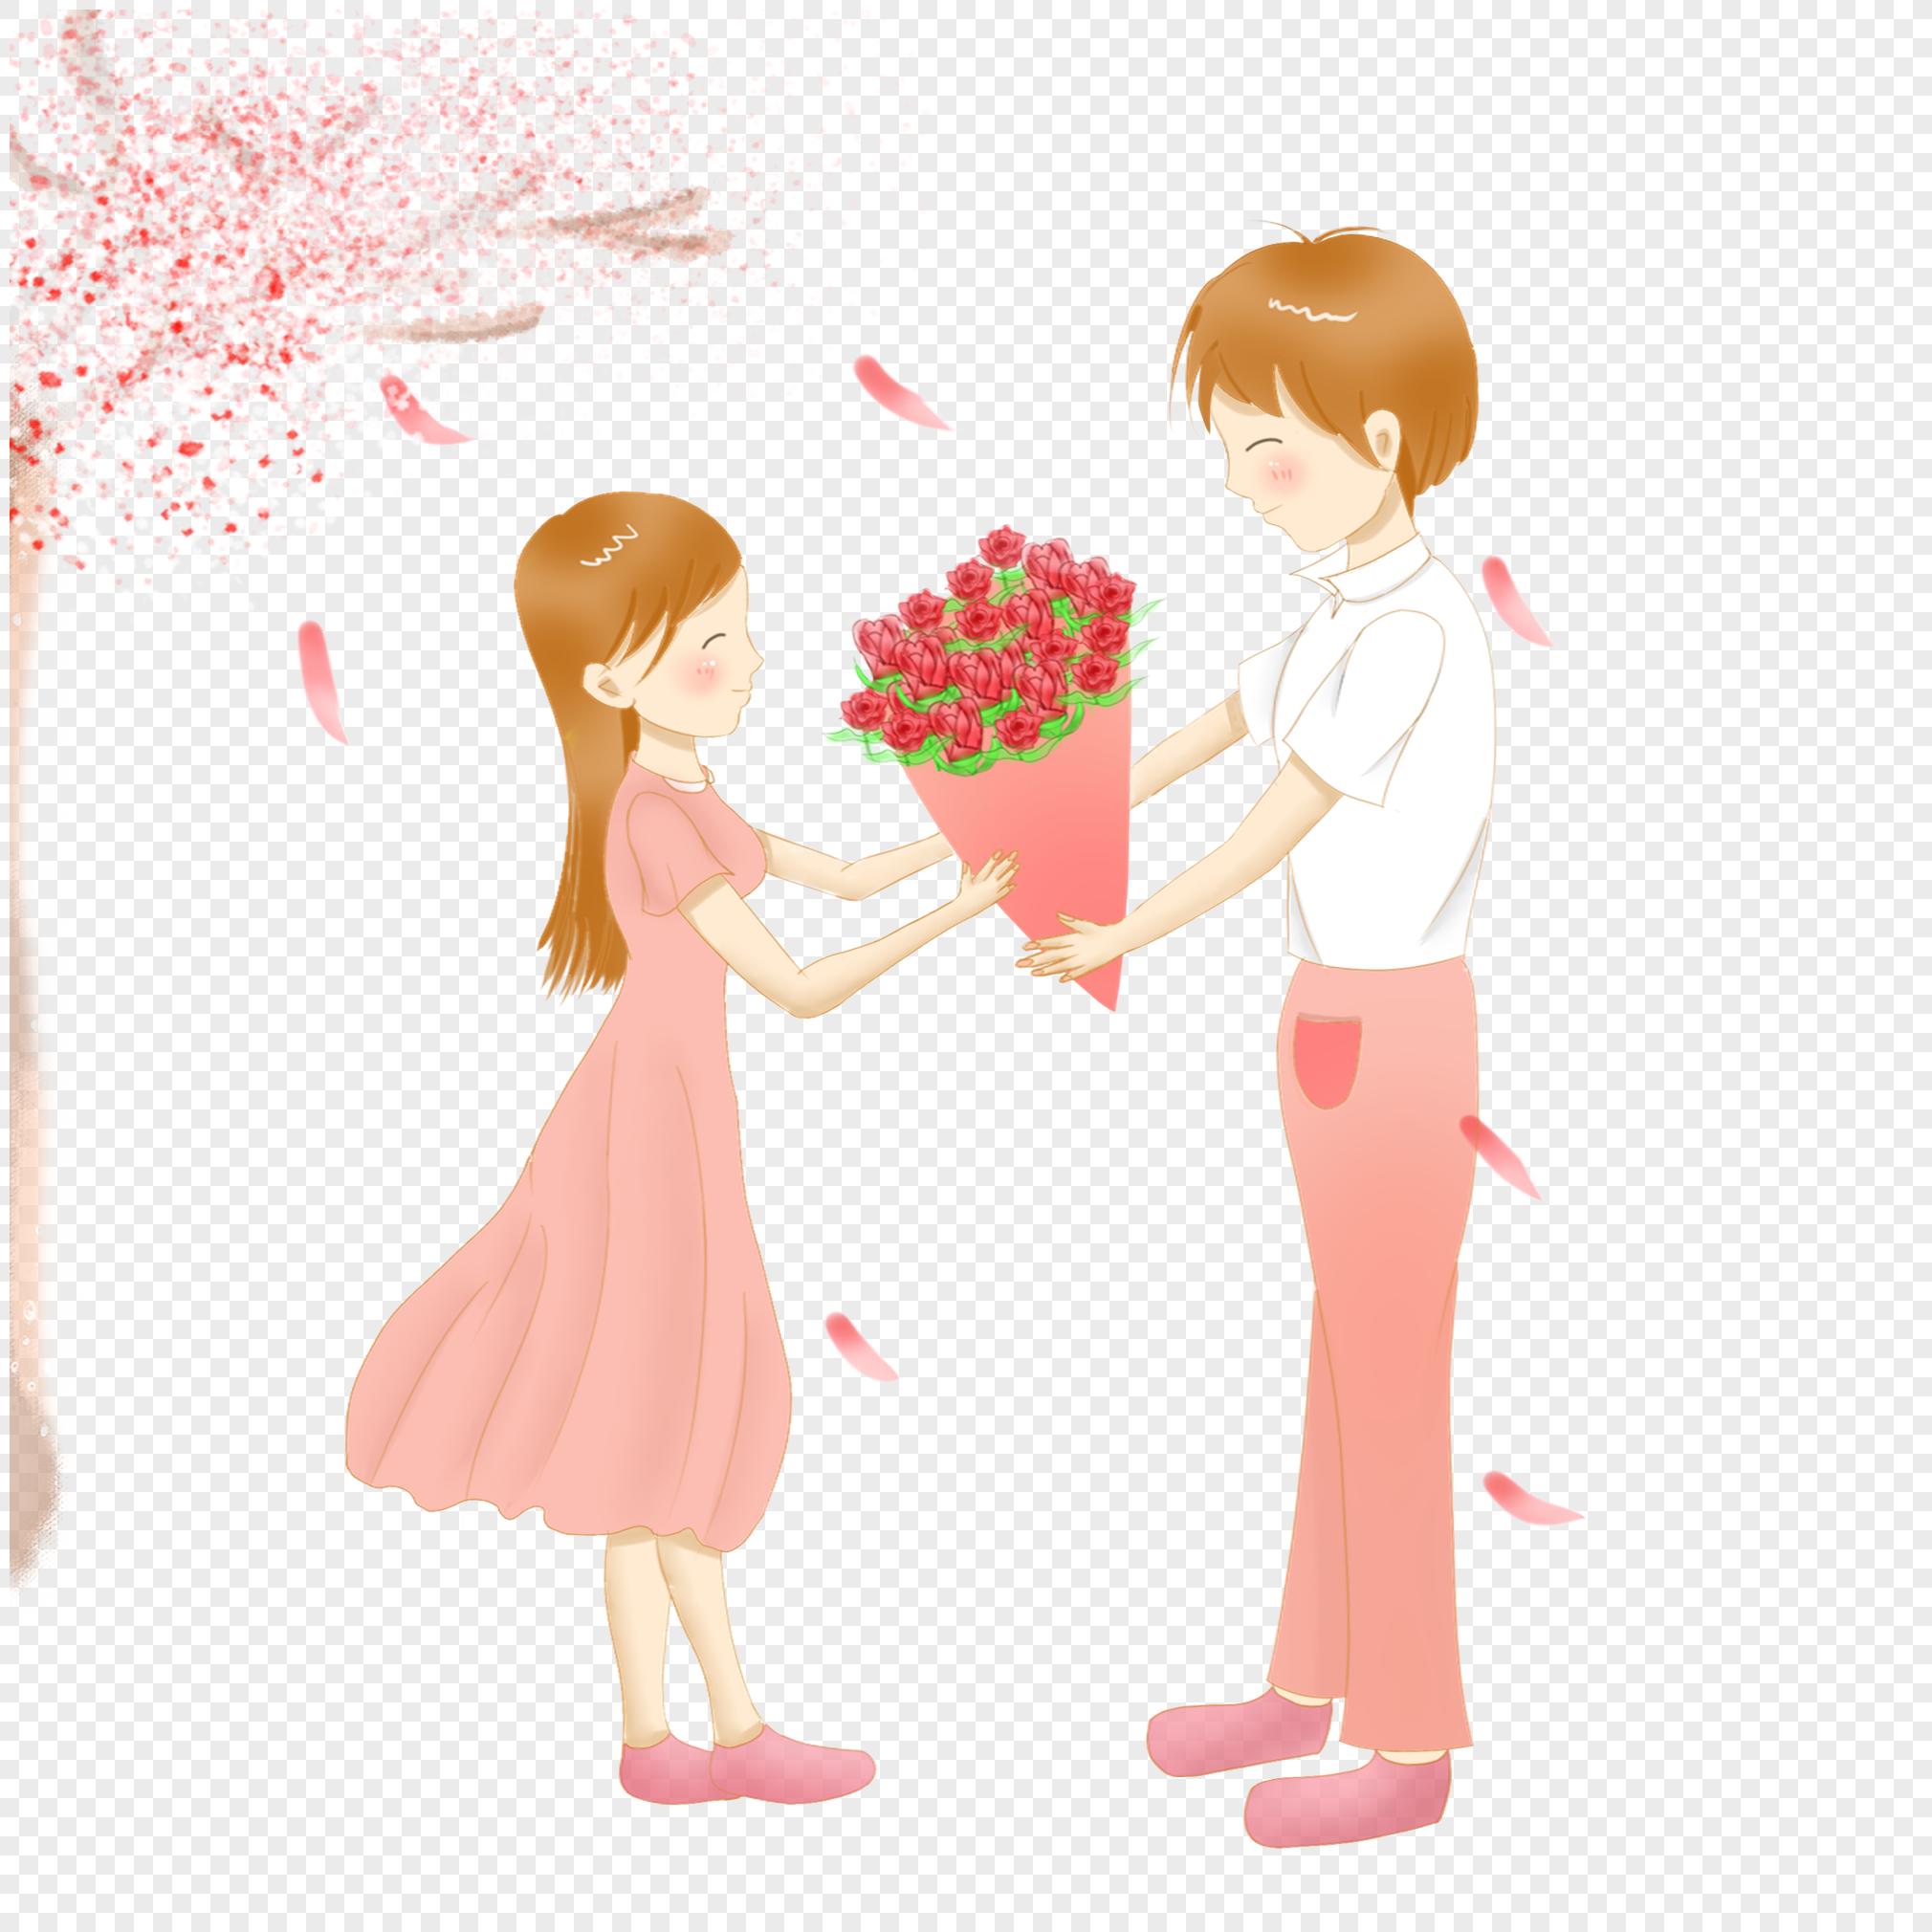 Мальчик дарит девочке цветы картинки рисованные